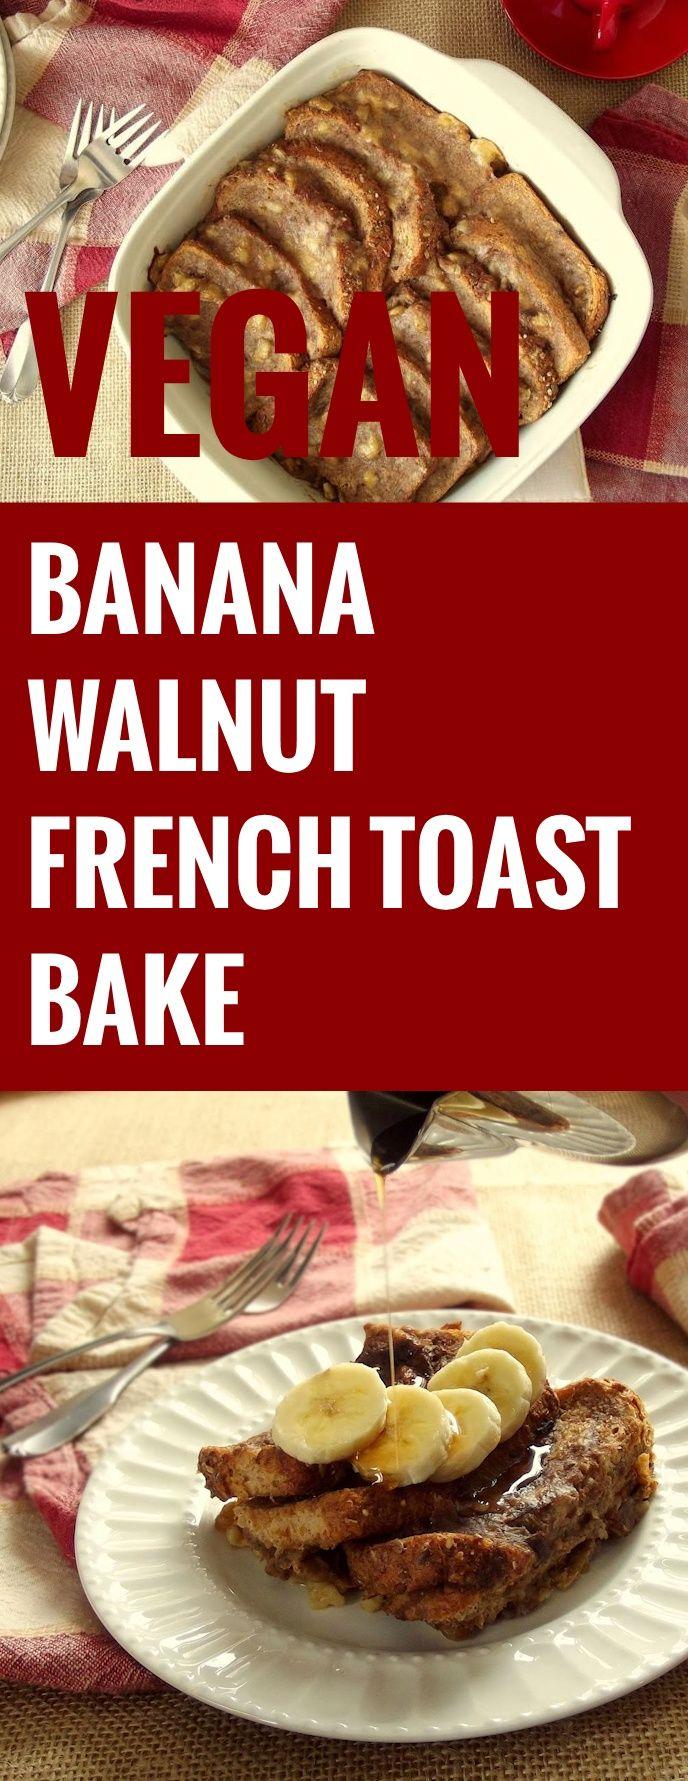 Vegan Banana Walnut Baked French Toast